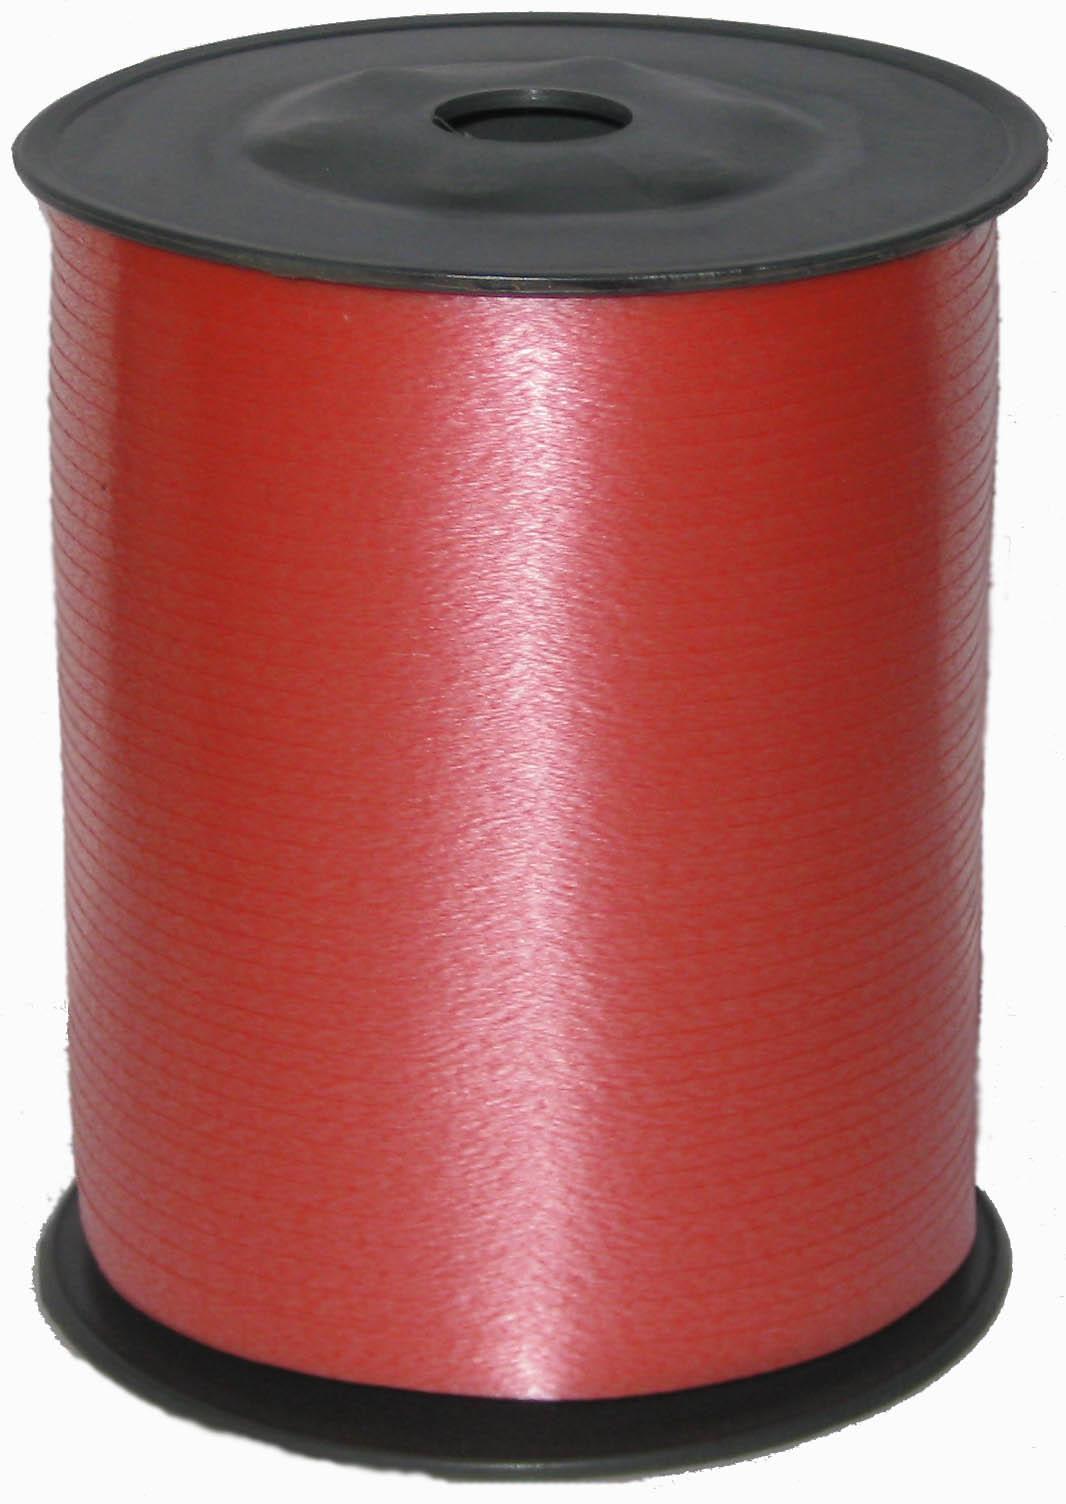 Лента цвет Красный, бобина 0,5 см / 500 м, Россия